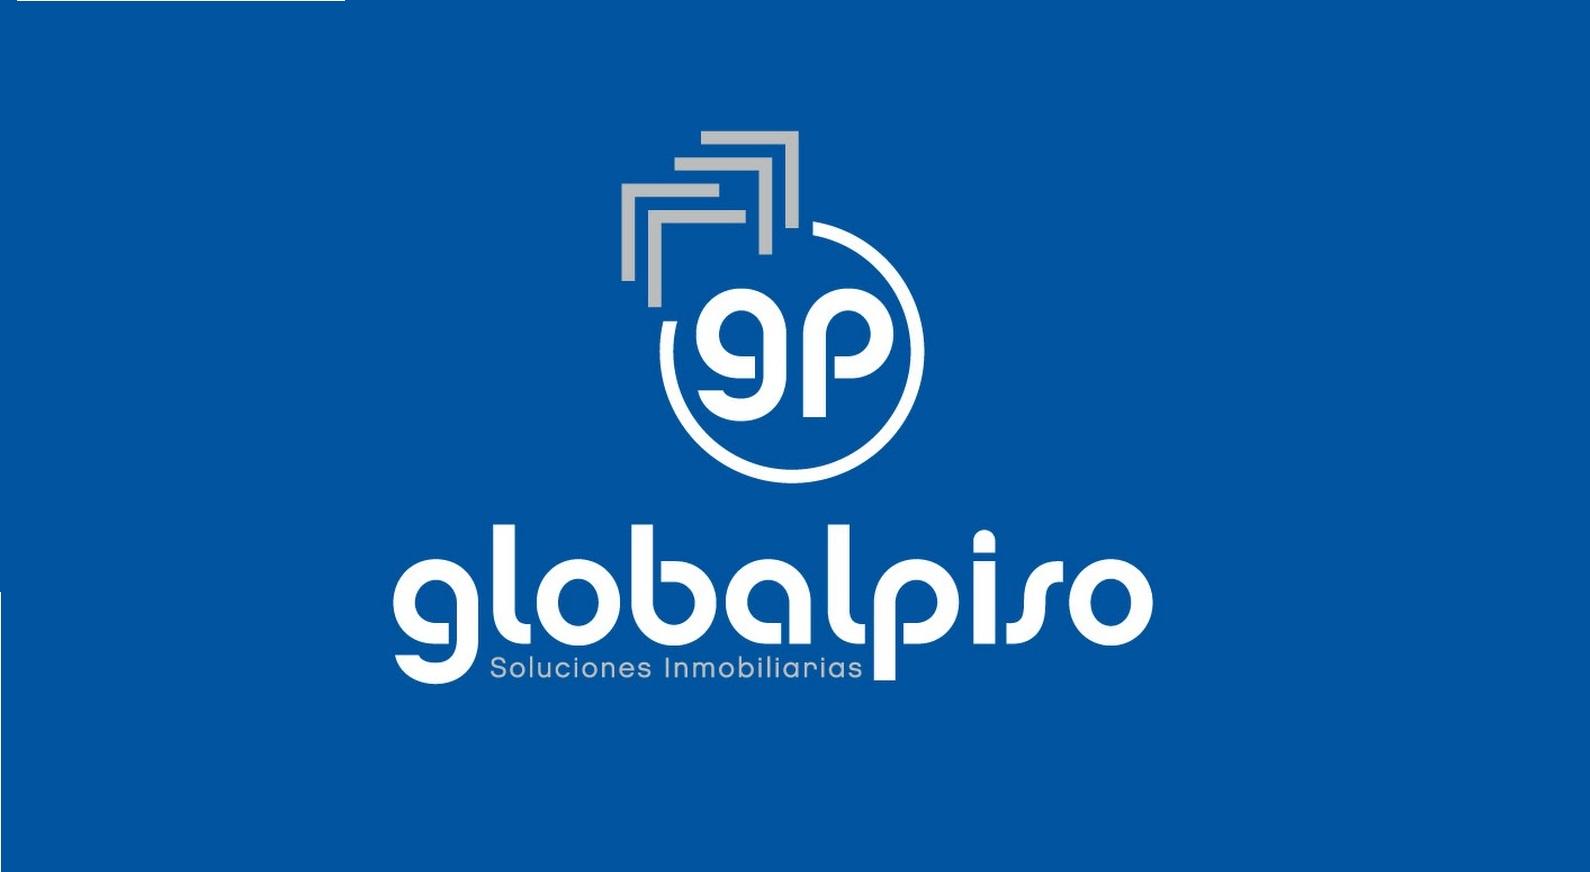 Globalpiso será el patrocinador principal de la EDM las dos próximas temporadas